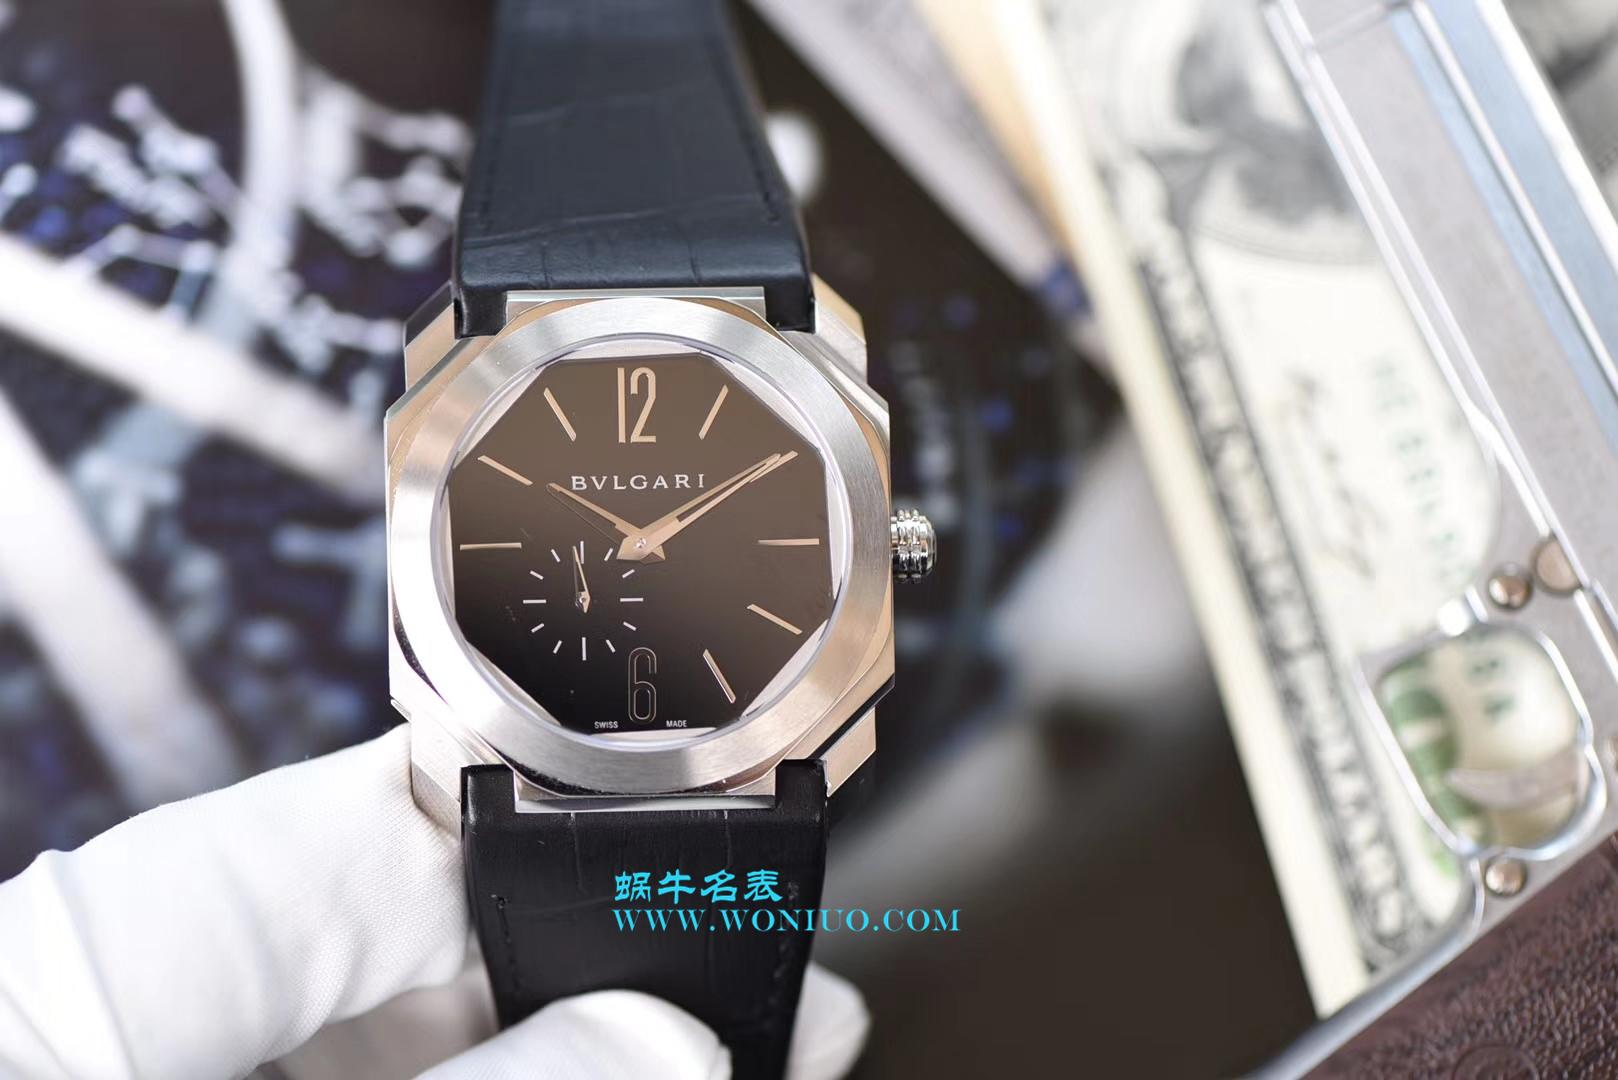 【台湾厂顶级复刻手表】宝格丽OCTO系列102028 BGO40BPLXT腕表 / BZ017